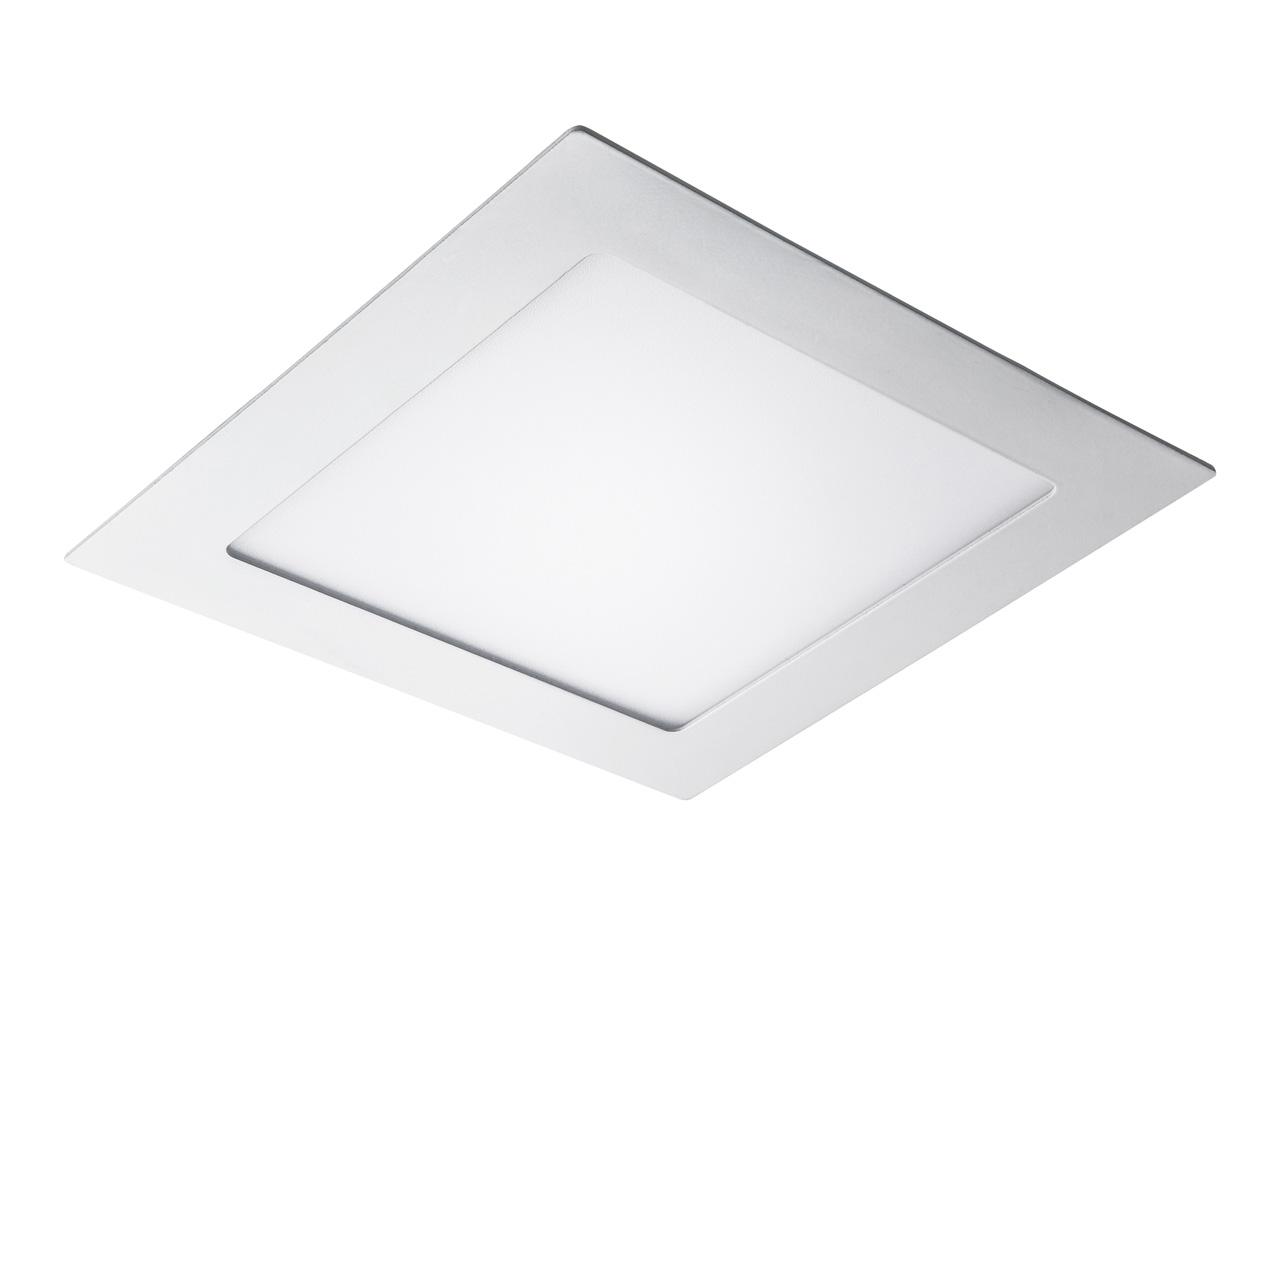 Встраиваемый светильник Lightstar, LED, 15 Вт встраиваемый светильник lightstar led 26 вт